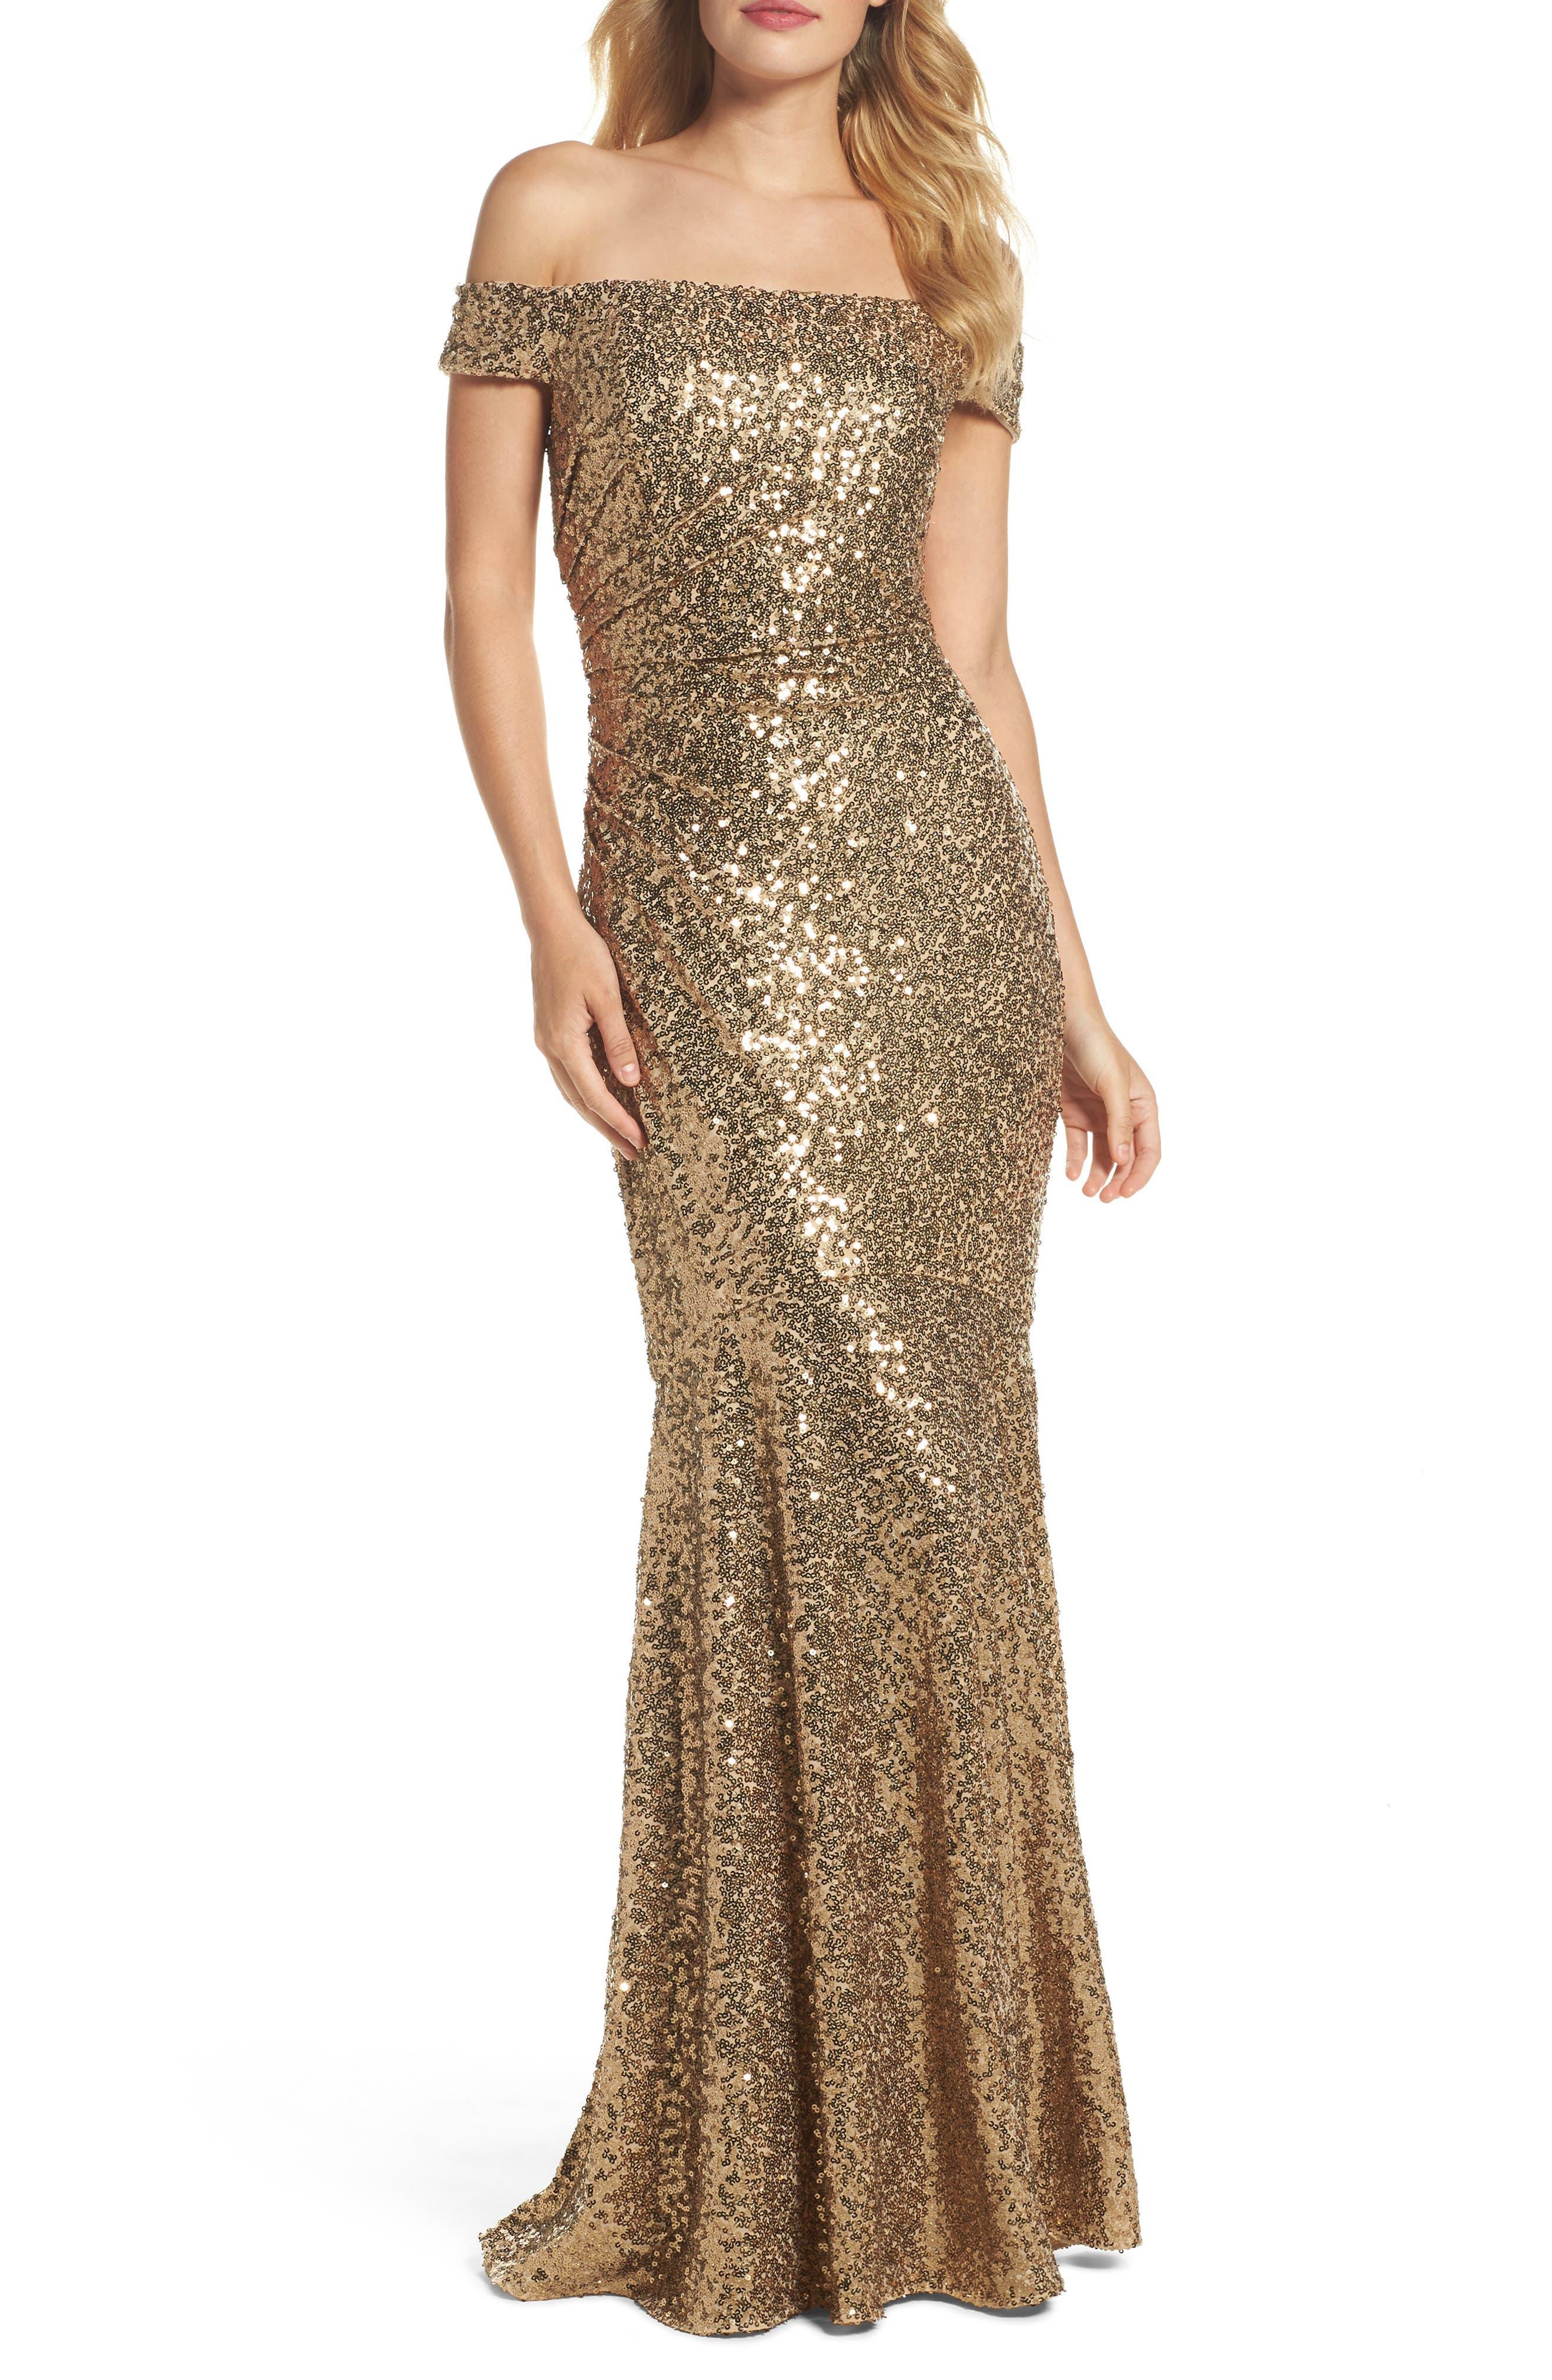 Badgley Mischka Sequin Off the Shoulder Mermaid Gown